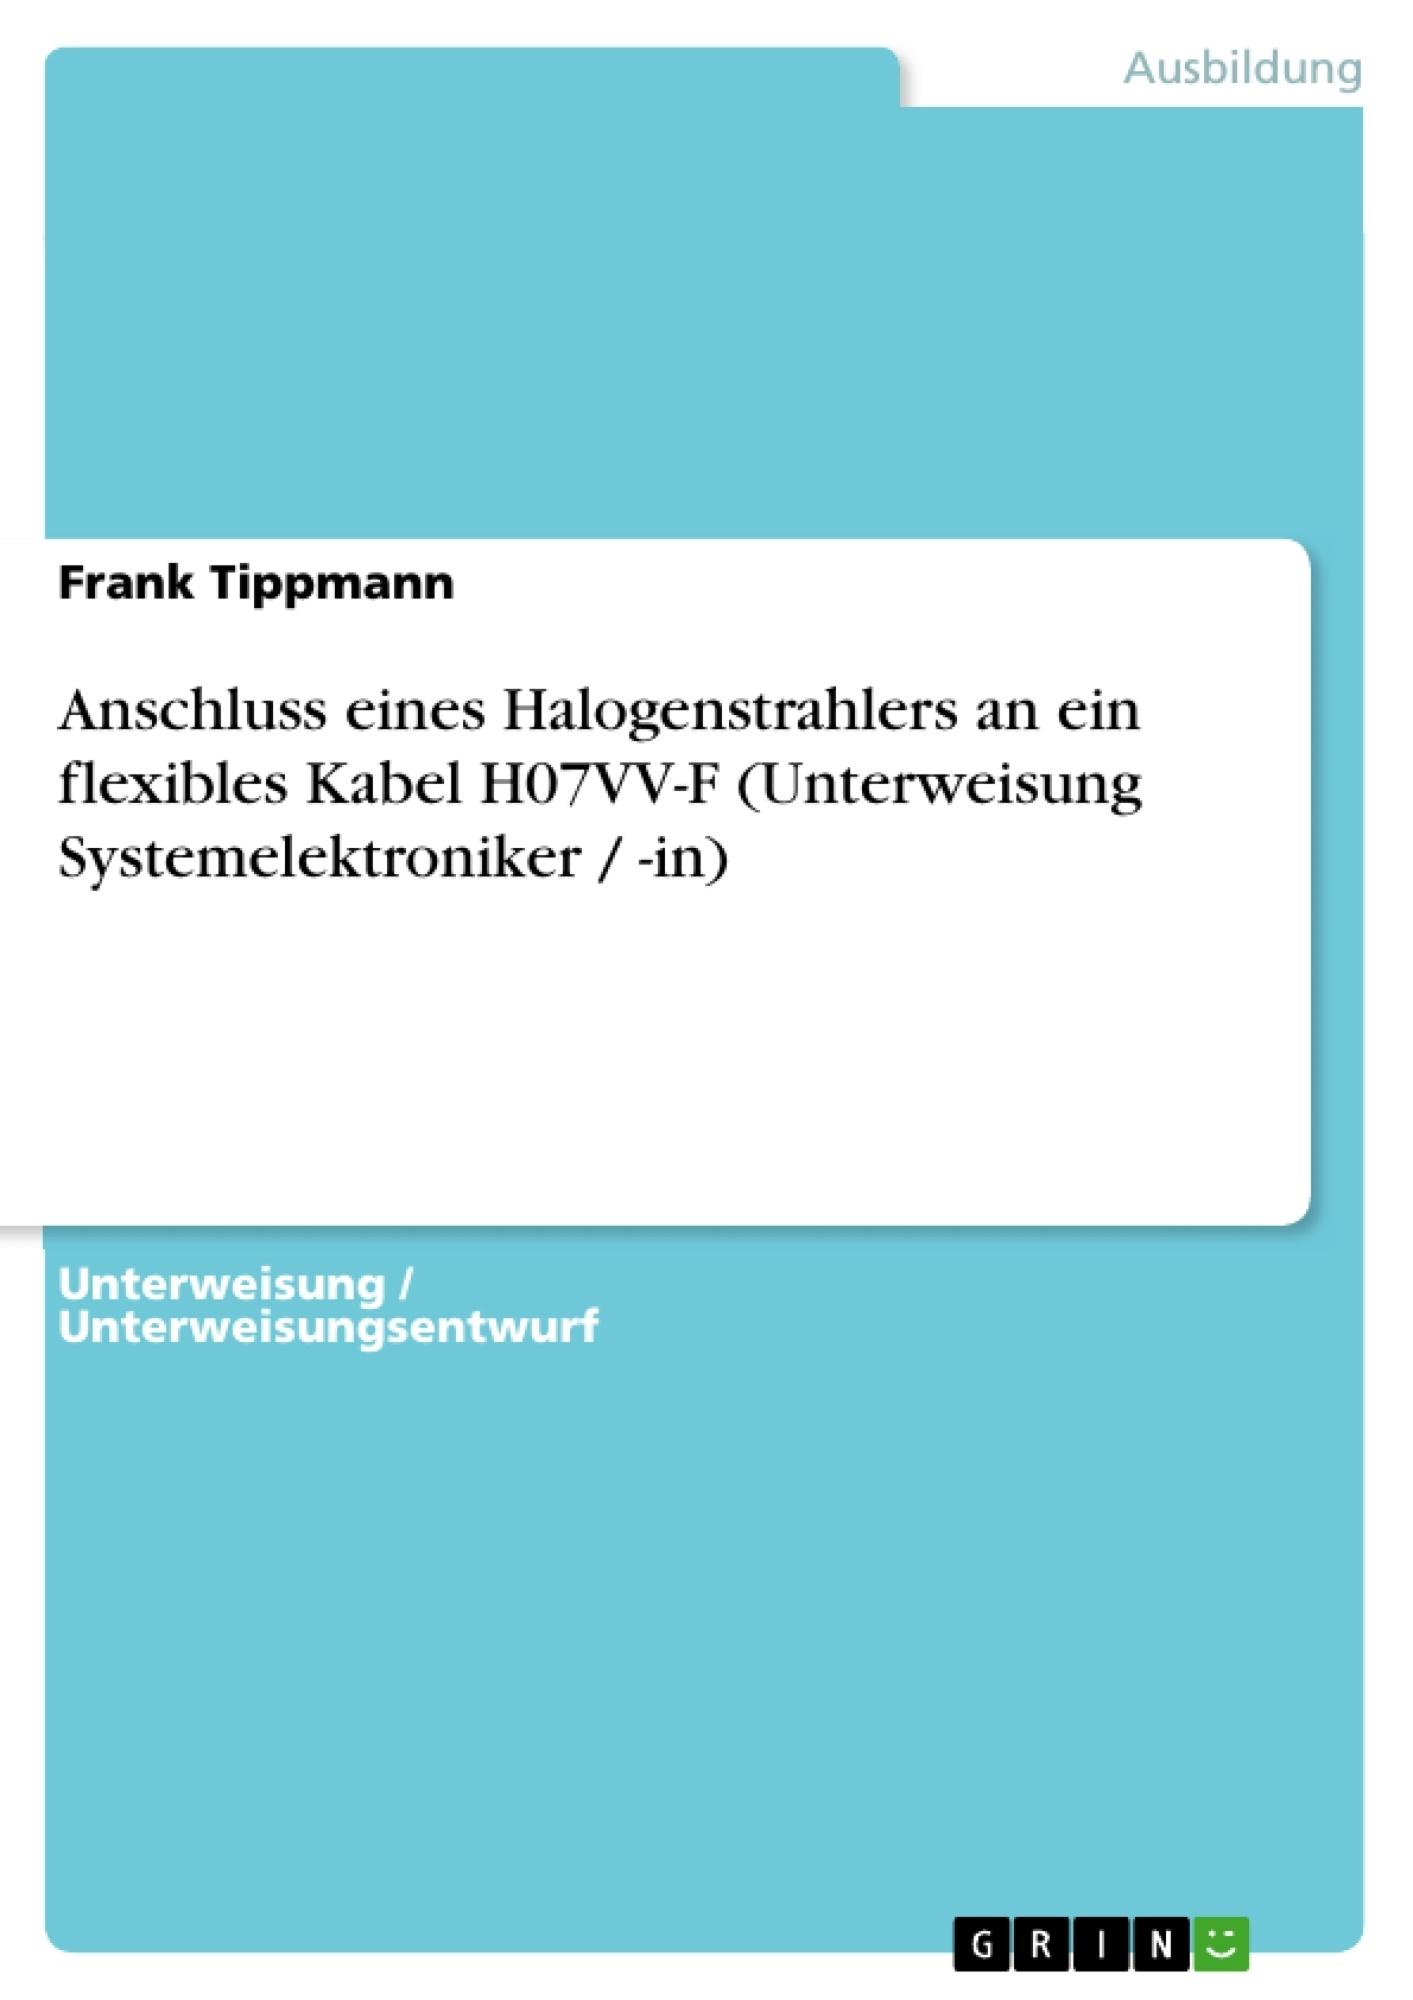 Titel: Anschluss eines Halogenstrahlers an ein flexibles Kabel H07VV-F (Unterweisung Systemelektroniker / -in)